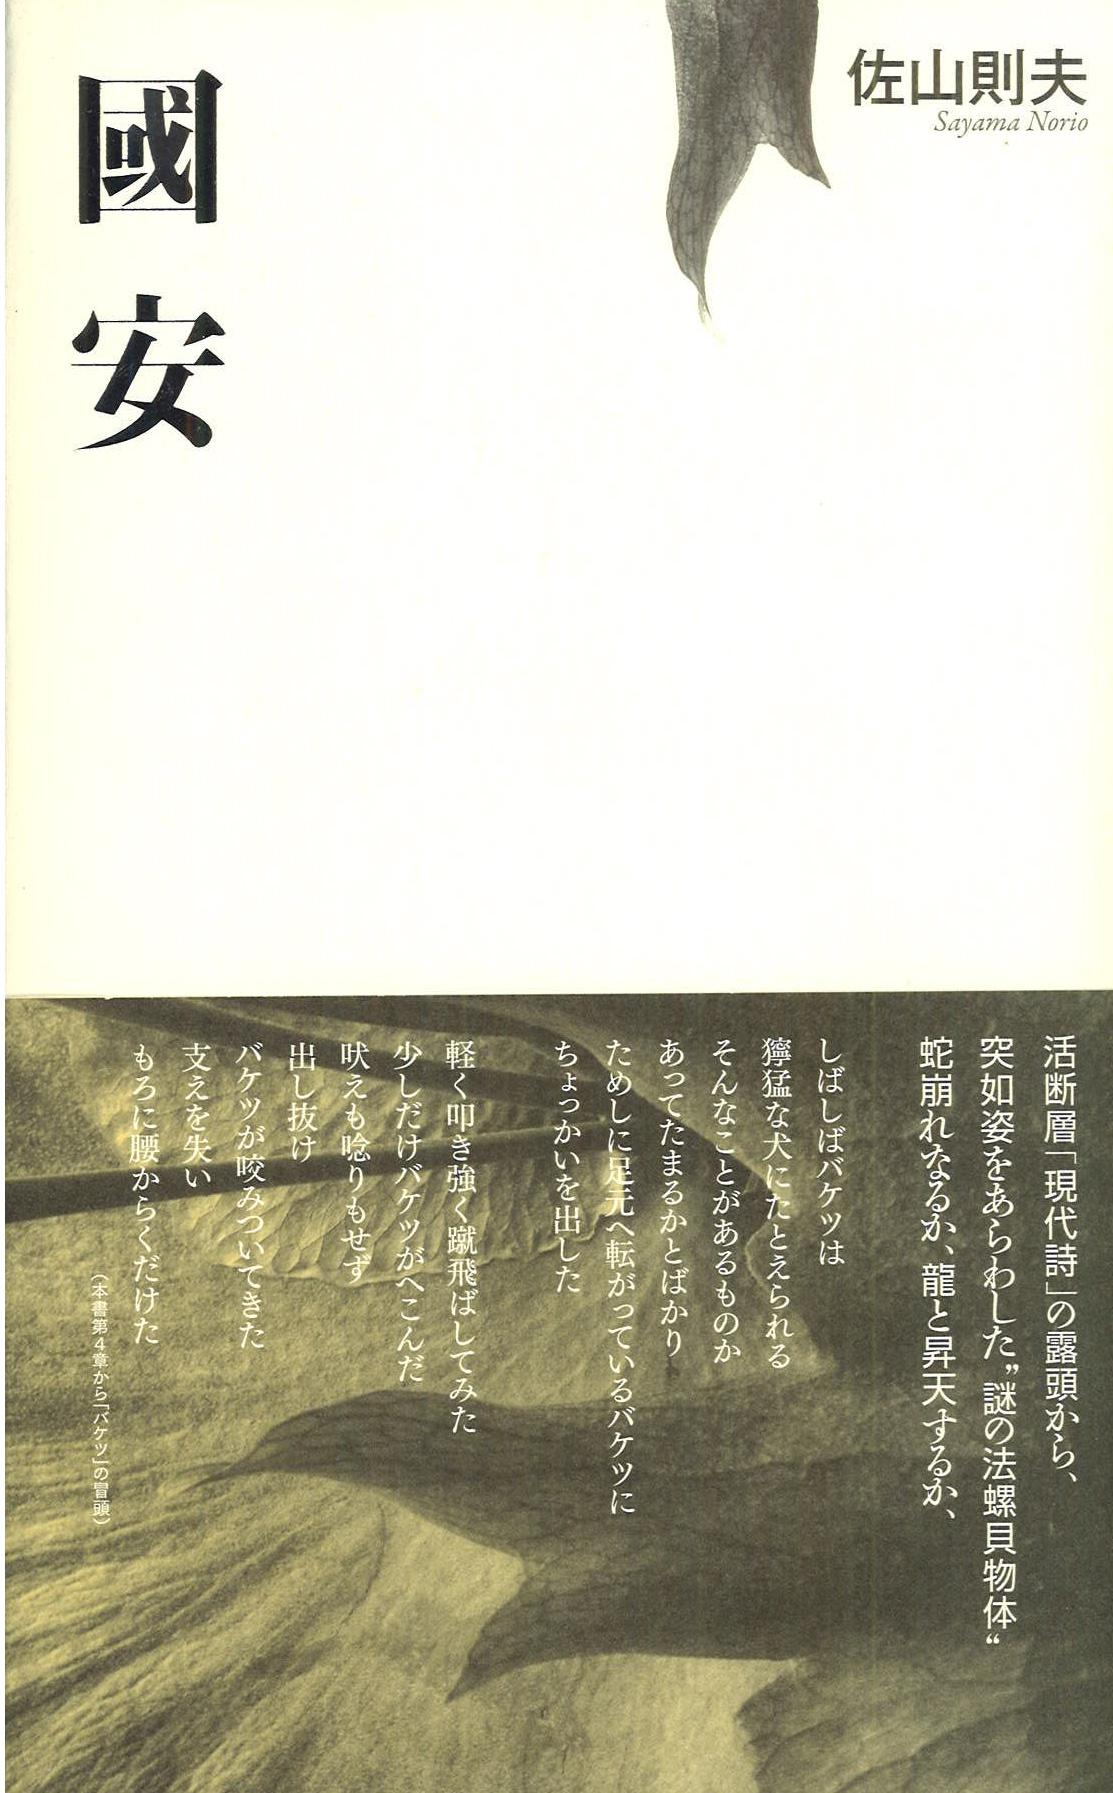 <br /> 『國安』(くにやす・佐山則夫詩集3)